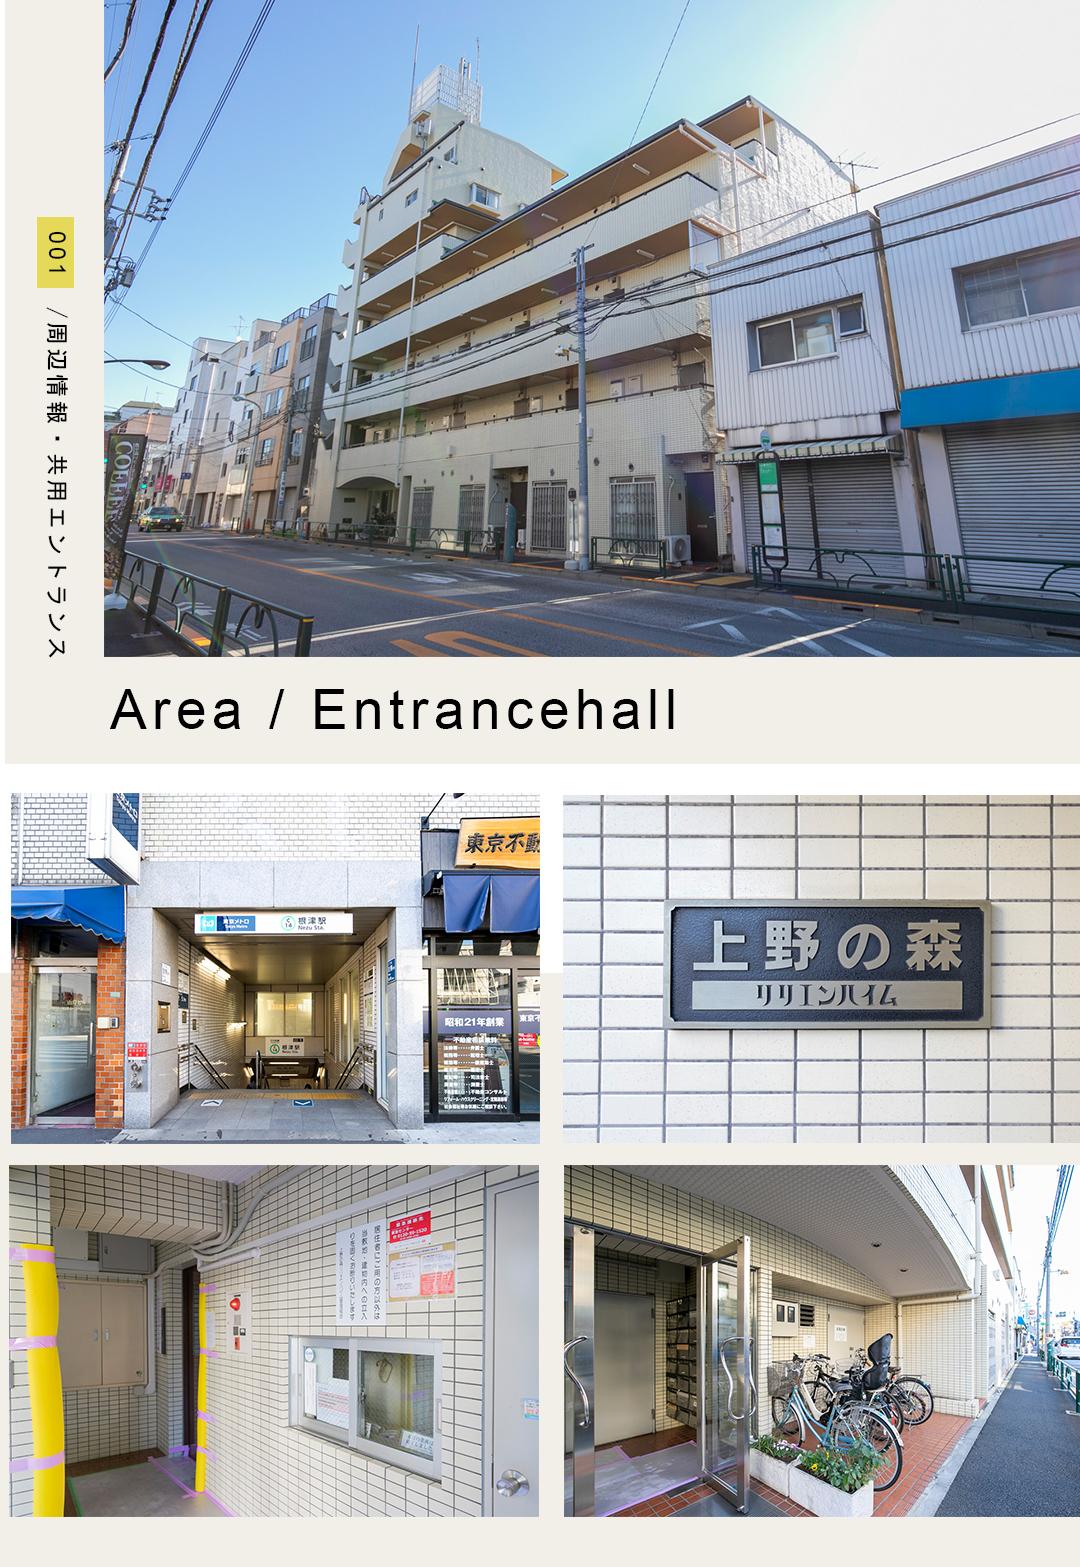 001,周辺情報,共用エントランス,上野の森,Area,Entrancehall,,,,,,,,